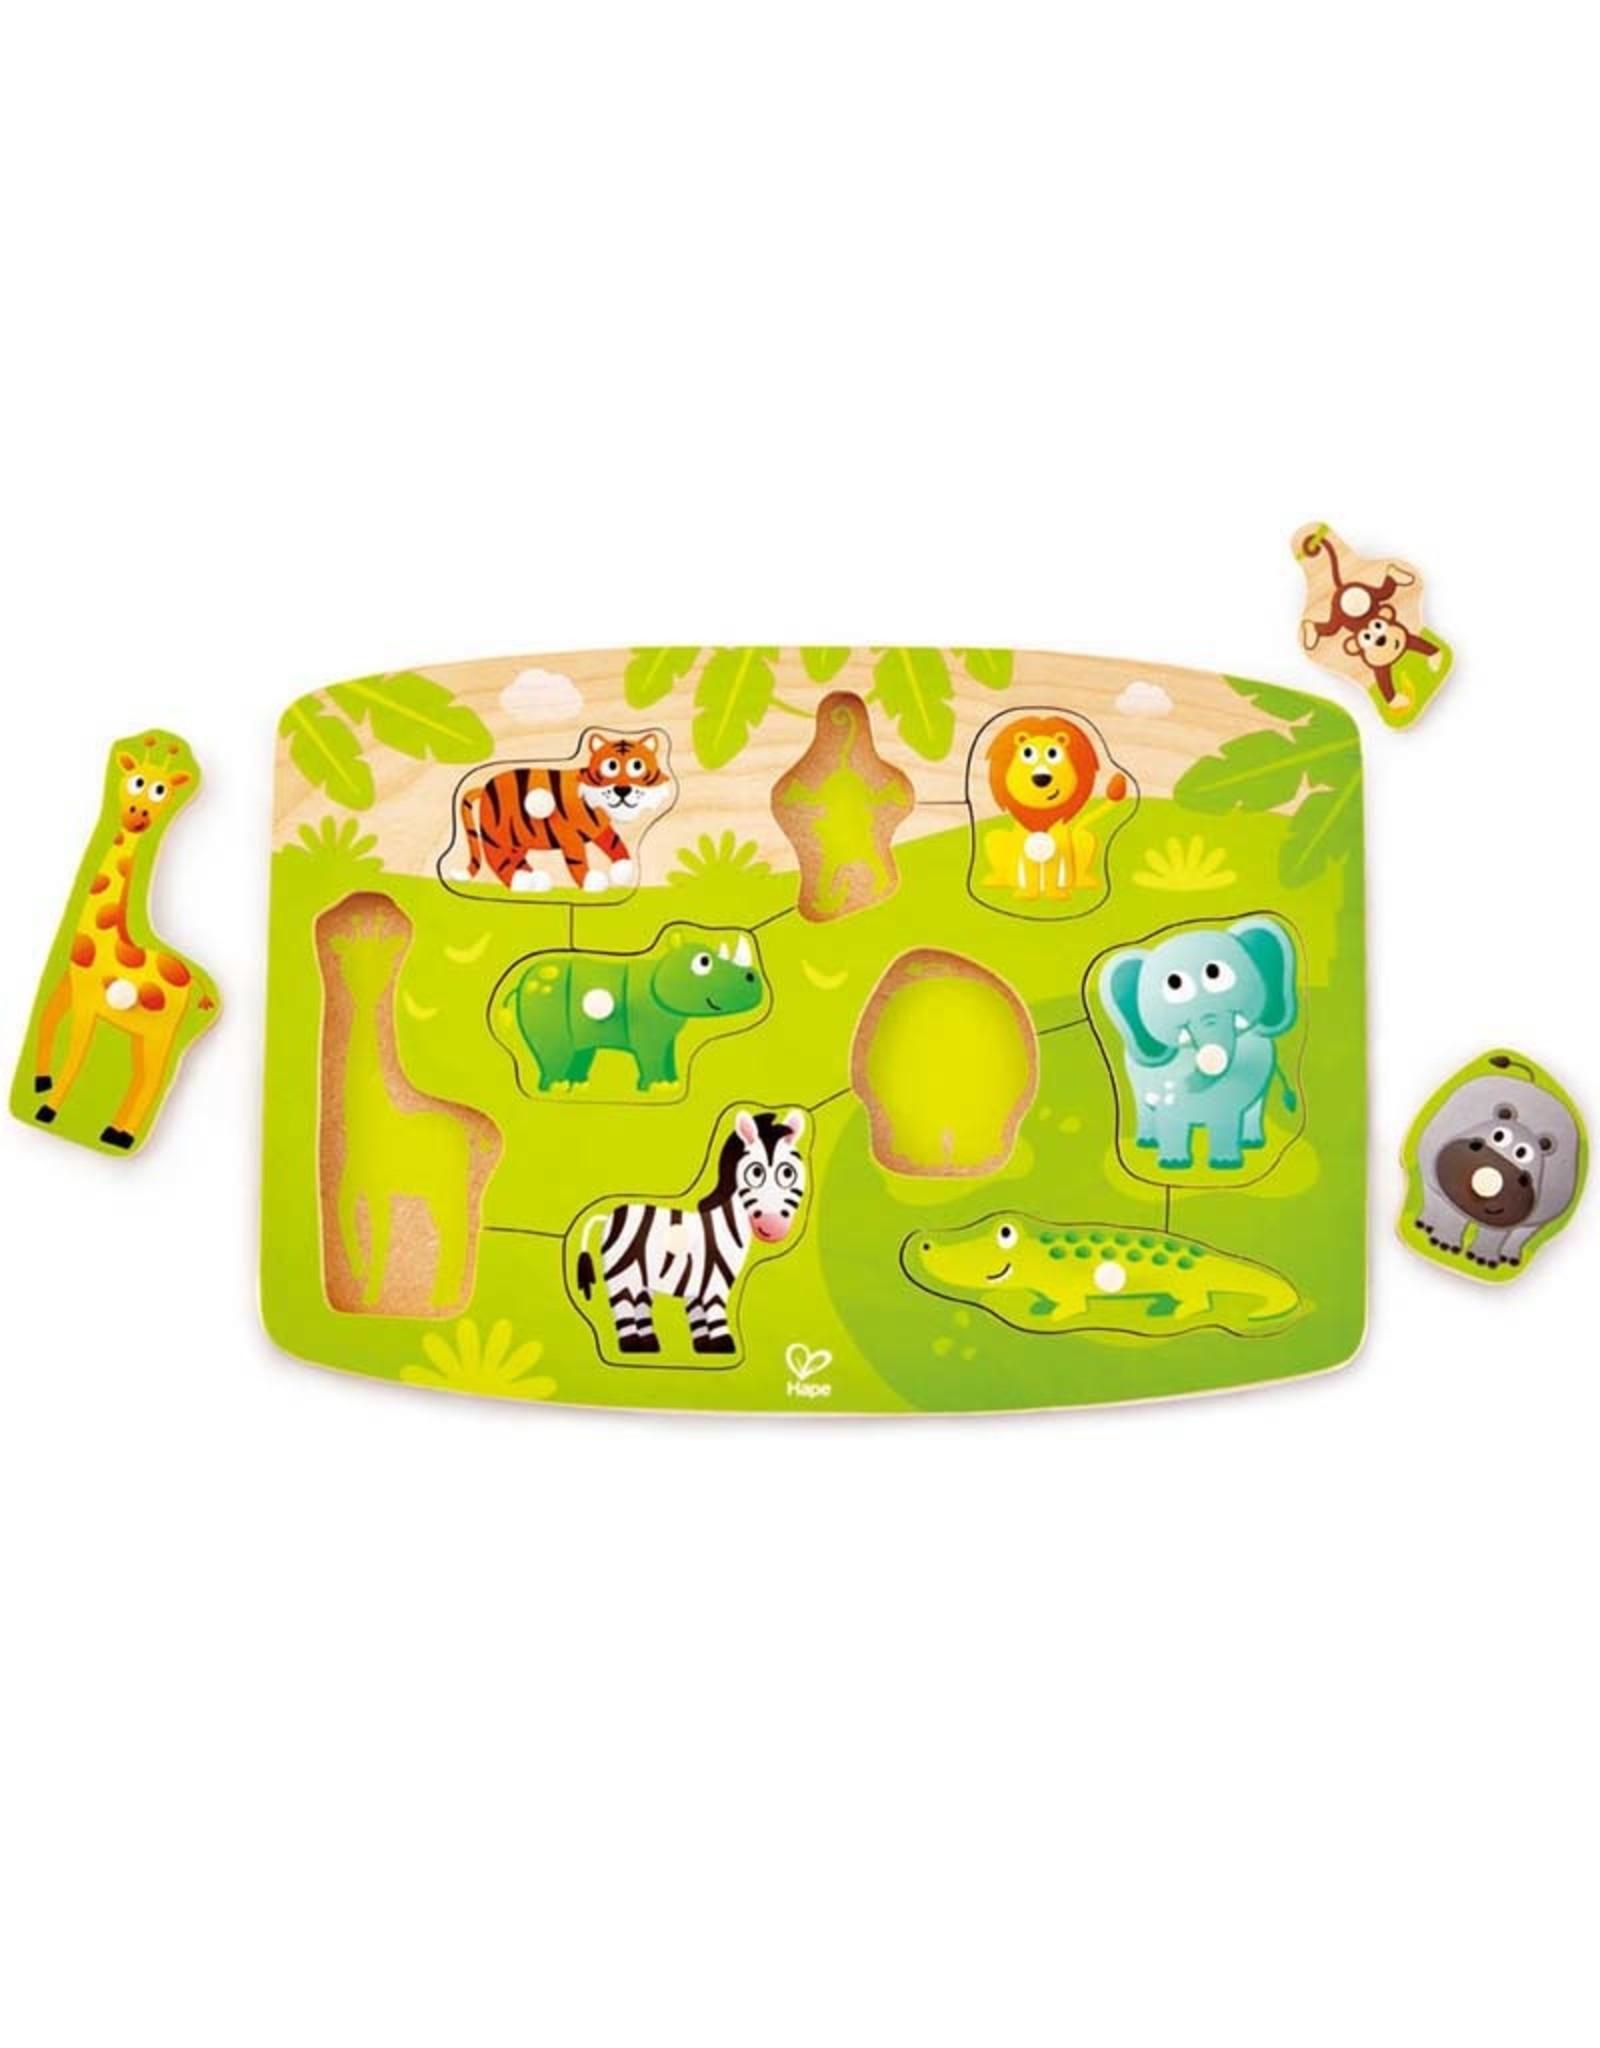 Jungle Peg Puzzle